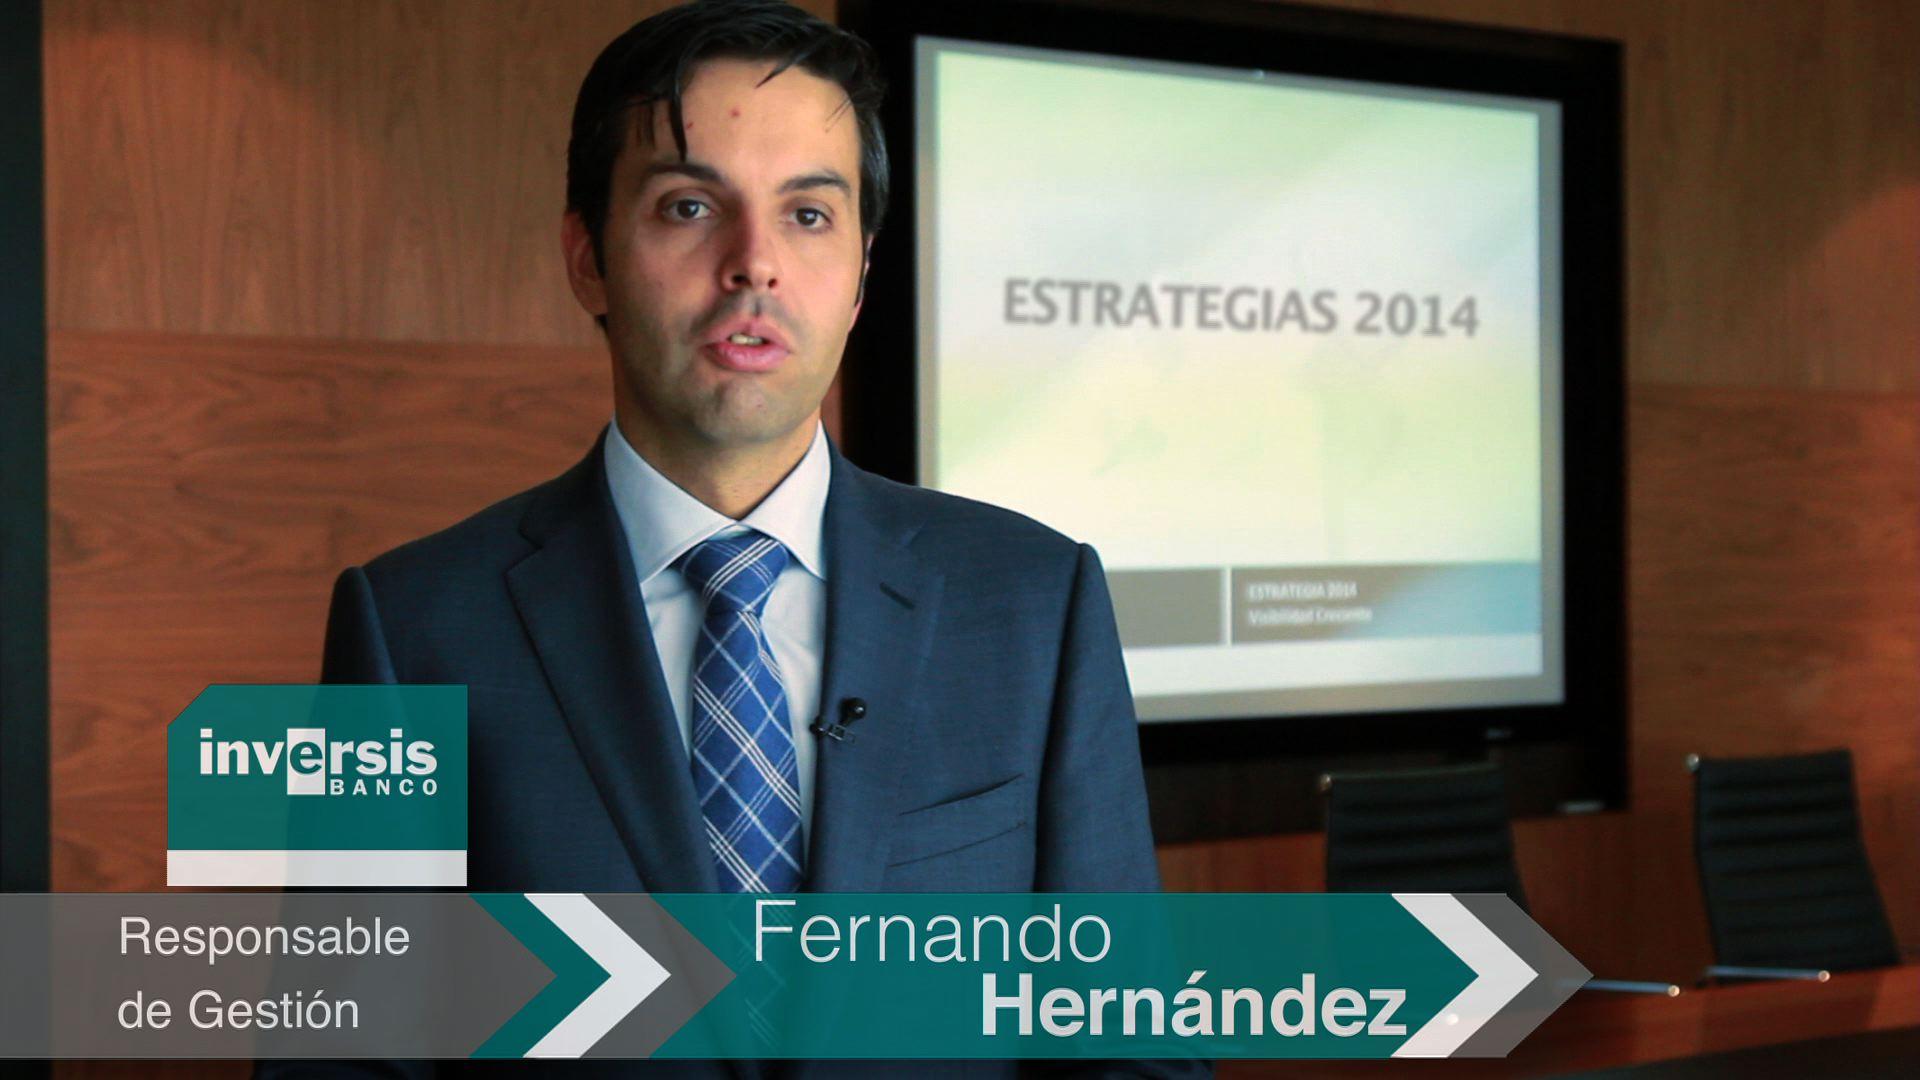 """Fernando Hernández: """"Las rentabilidades de doble dígito serán muy alcanzables en renta variable en 2014"""""""